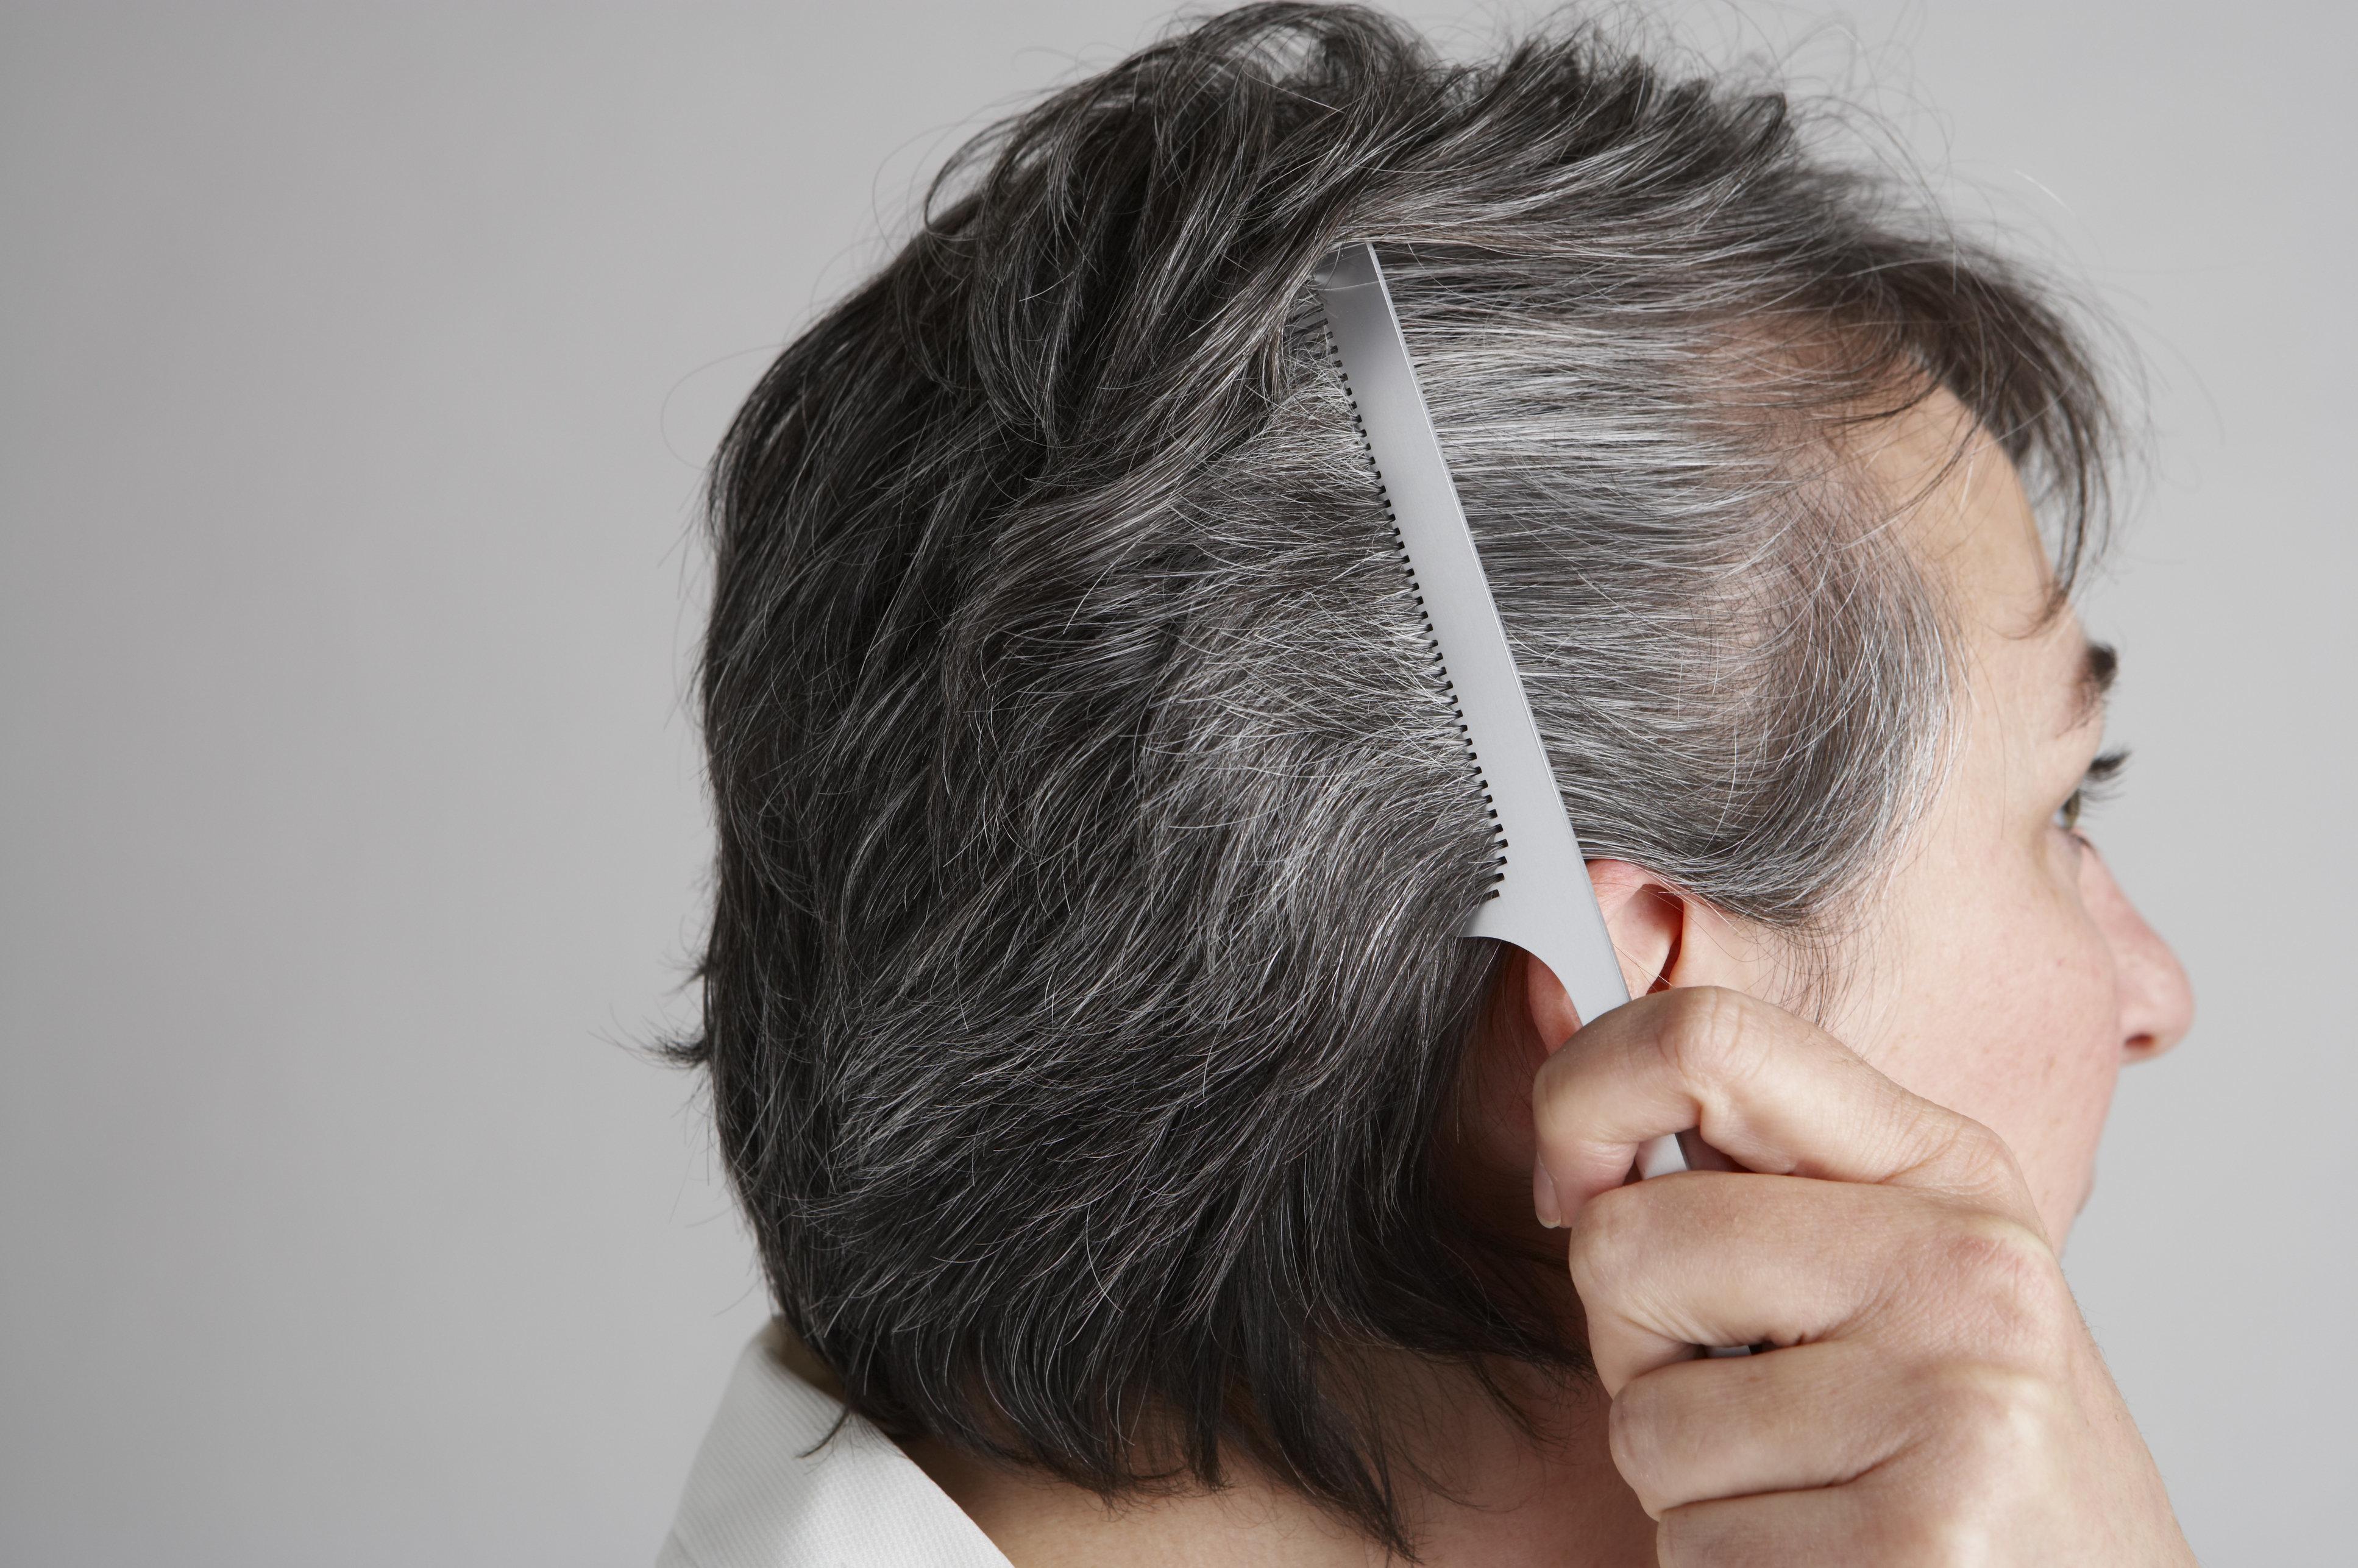 Should Grandparents Go Gray